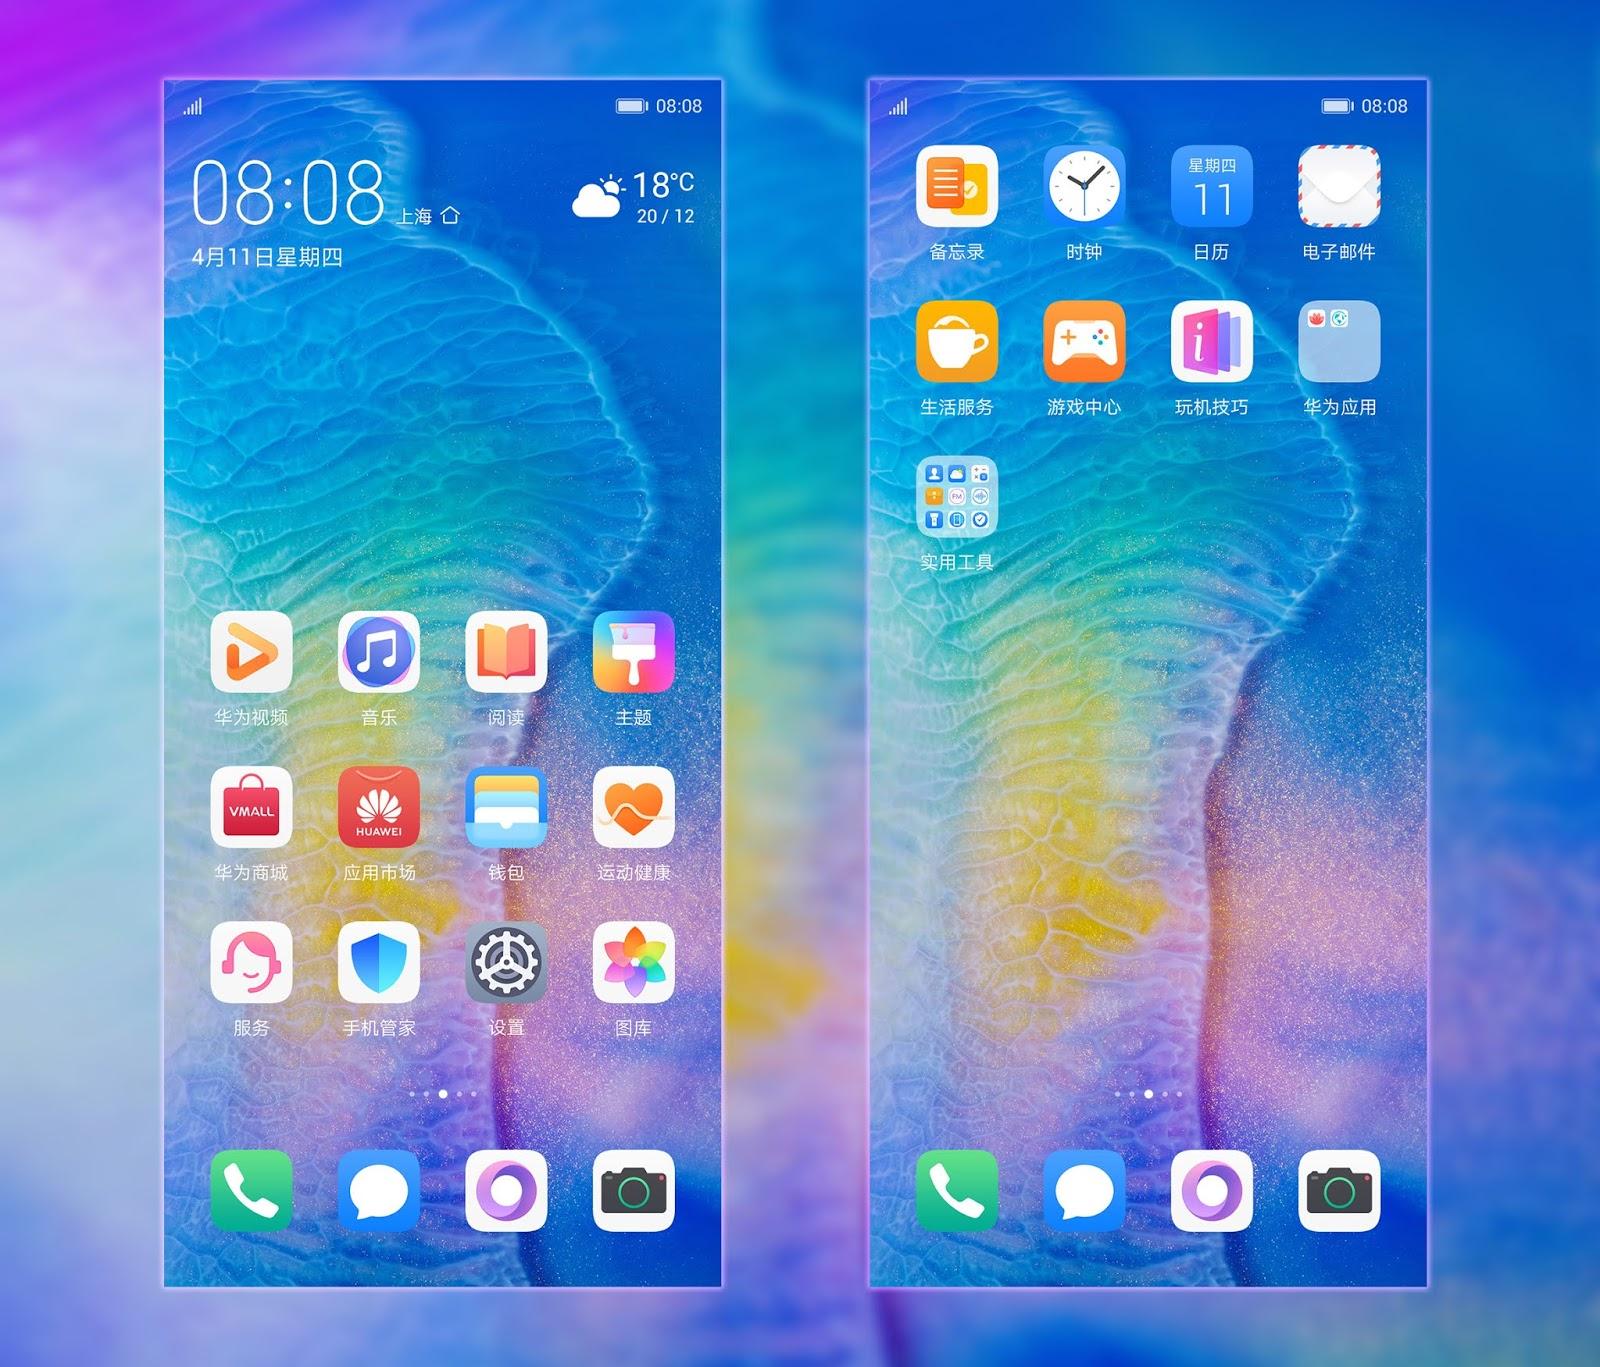 Huawei p30 pro - HUAWEI THEMES